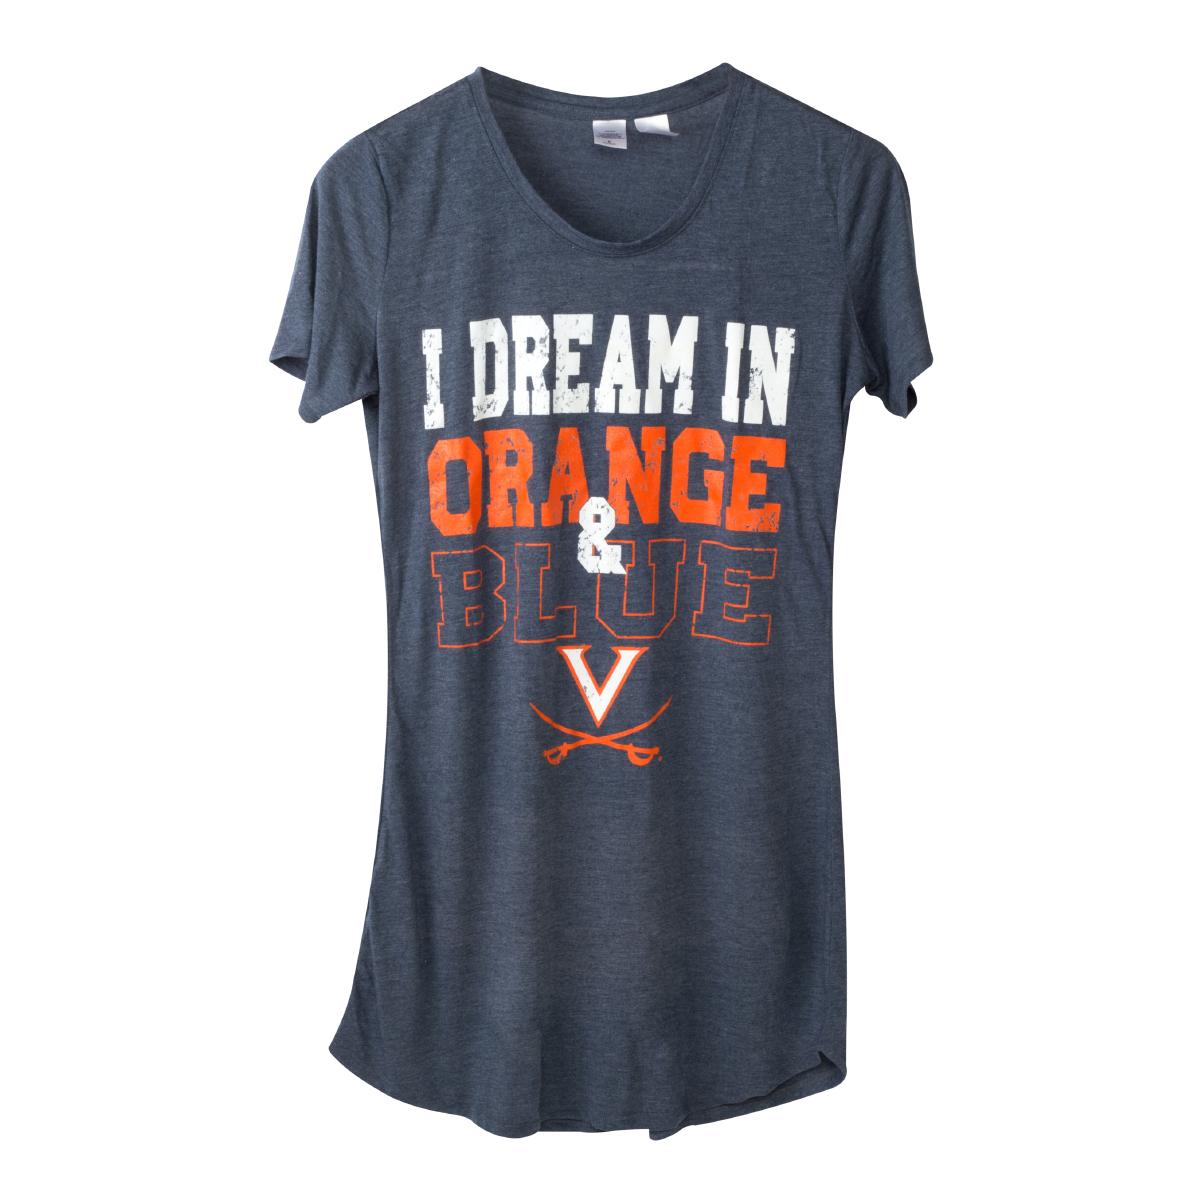 University of Virginia Cavaliers Ladies Nightshirt